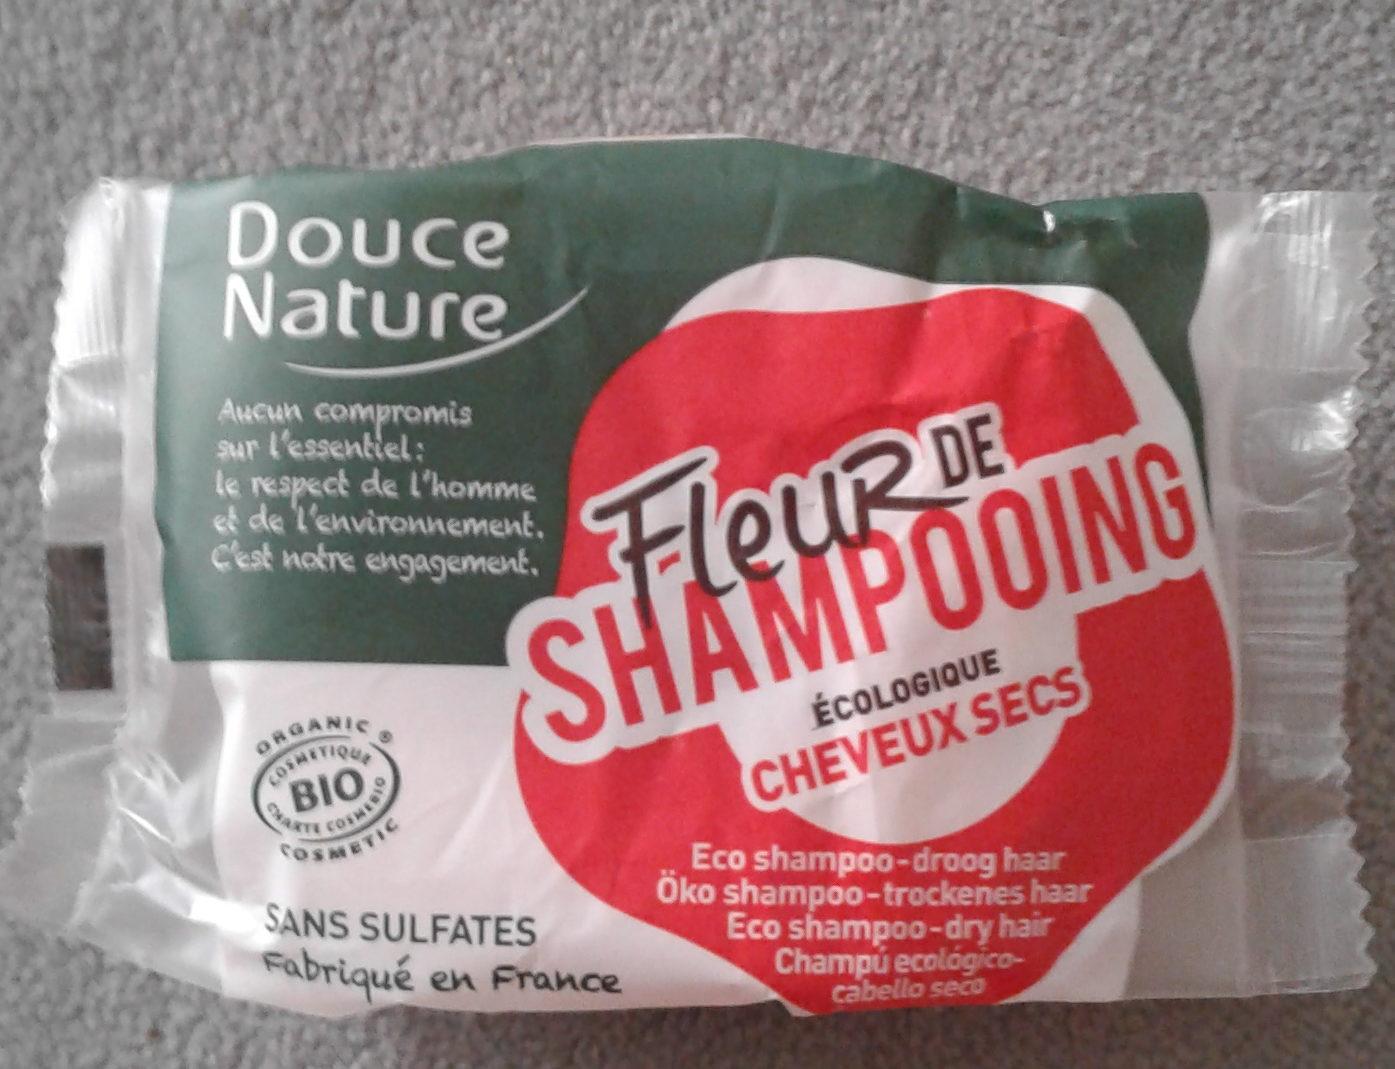 Fleur de shampooing écologique cheveux secs - Produit